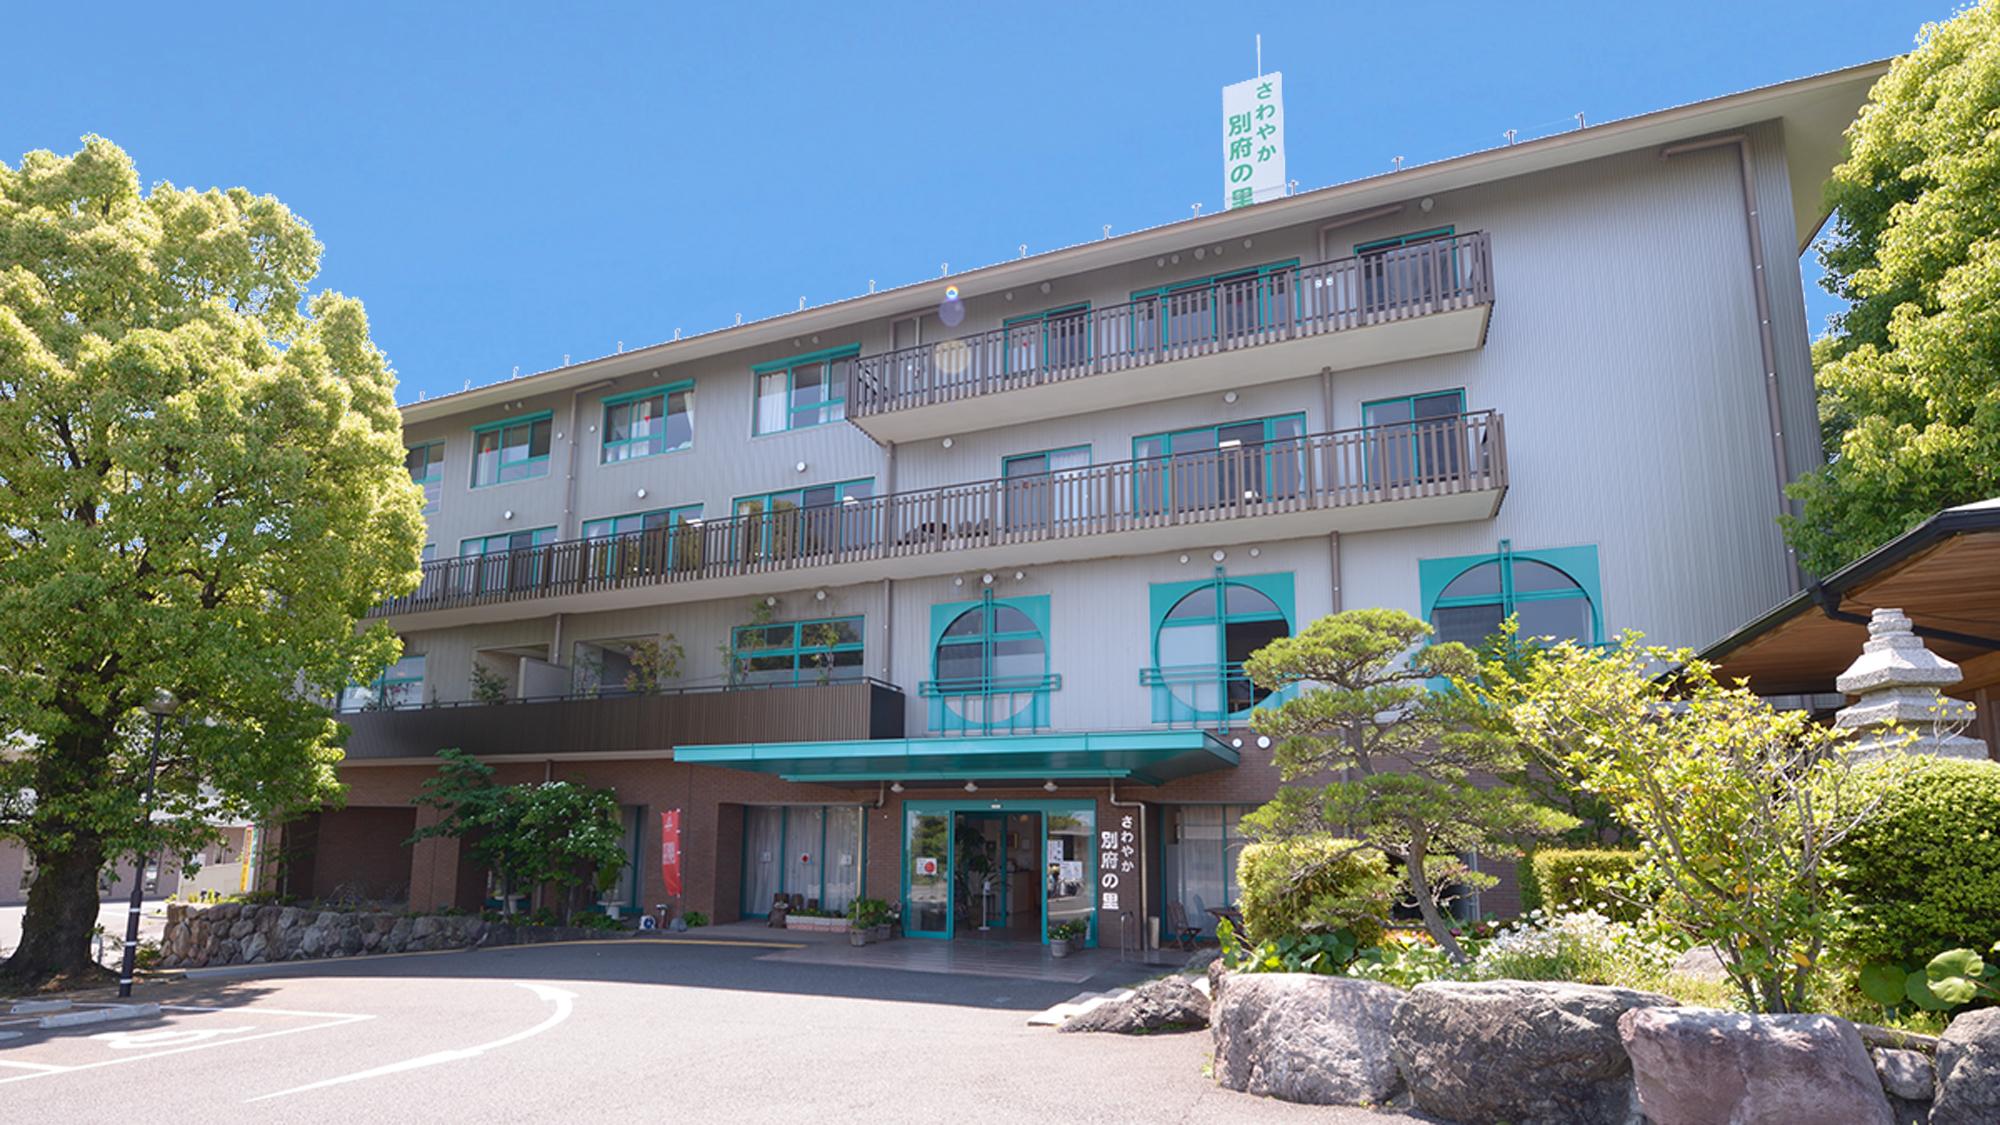 ホテル さわやか 別府の里◆楽天トラベル